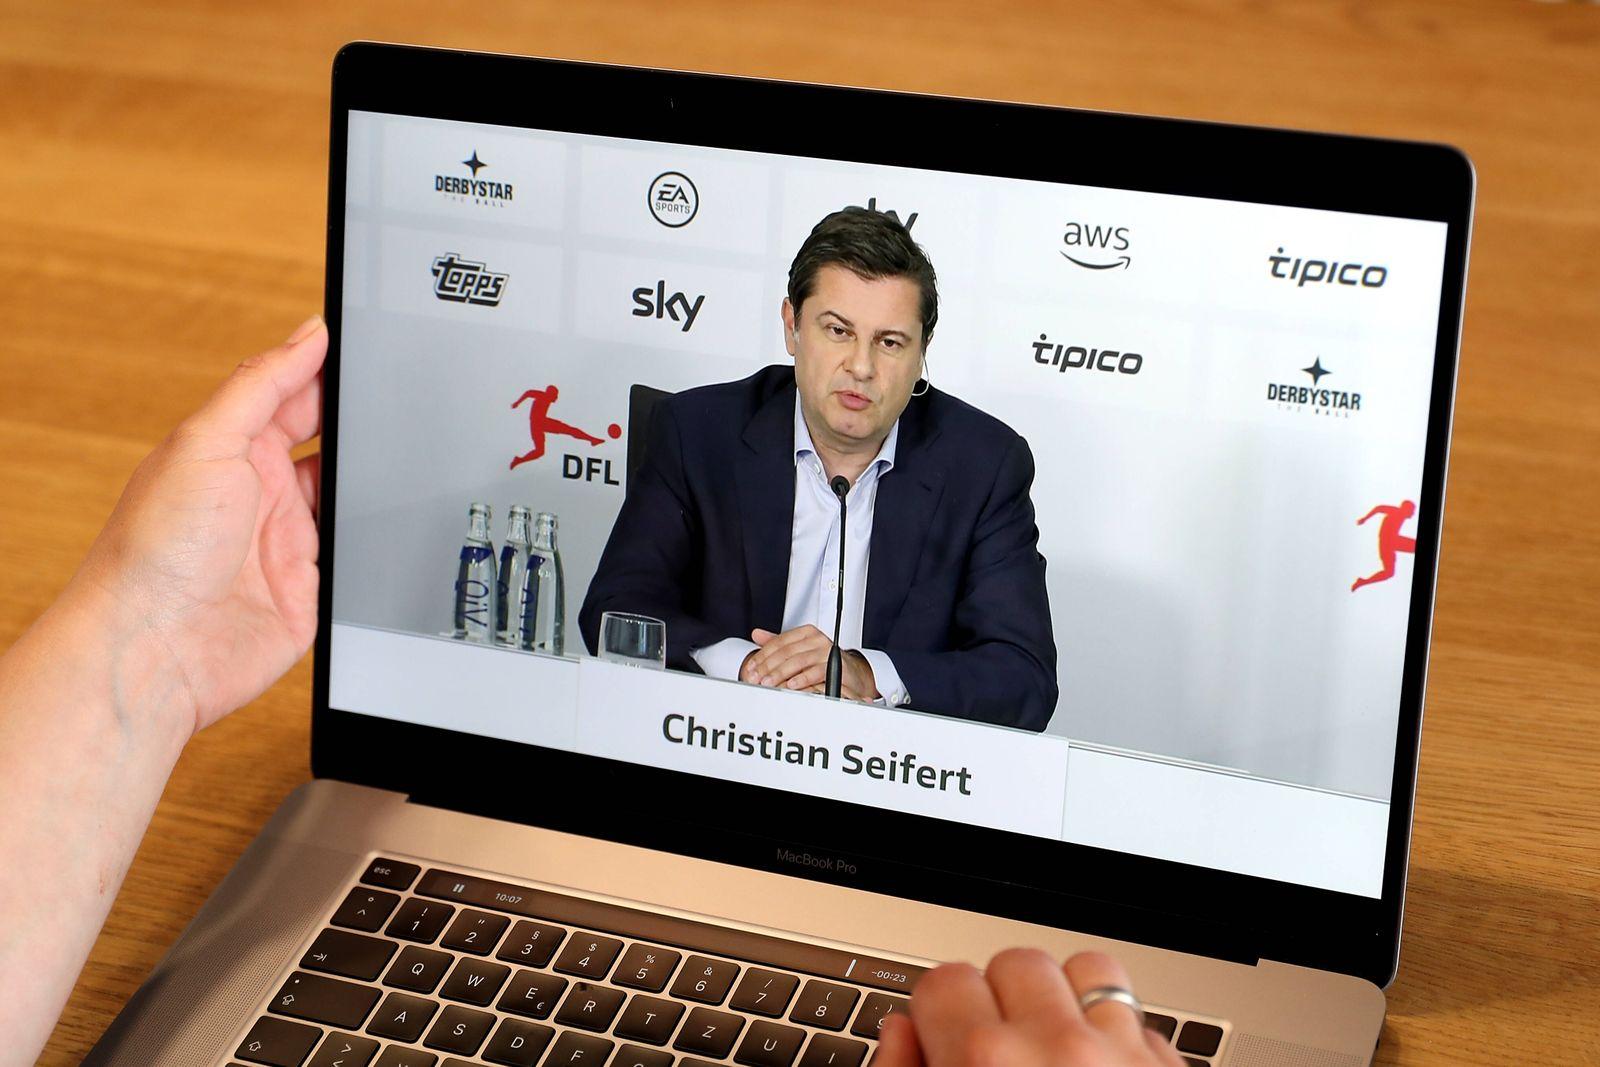 Fußball - DFL Pressekonferenz am 23.04.2020 Ein Laptop mit dem Logo der DFL Deutsche Fußball Liga GmbH und den Livestre